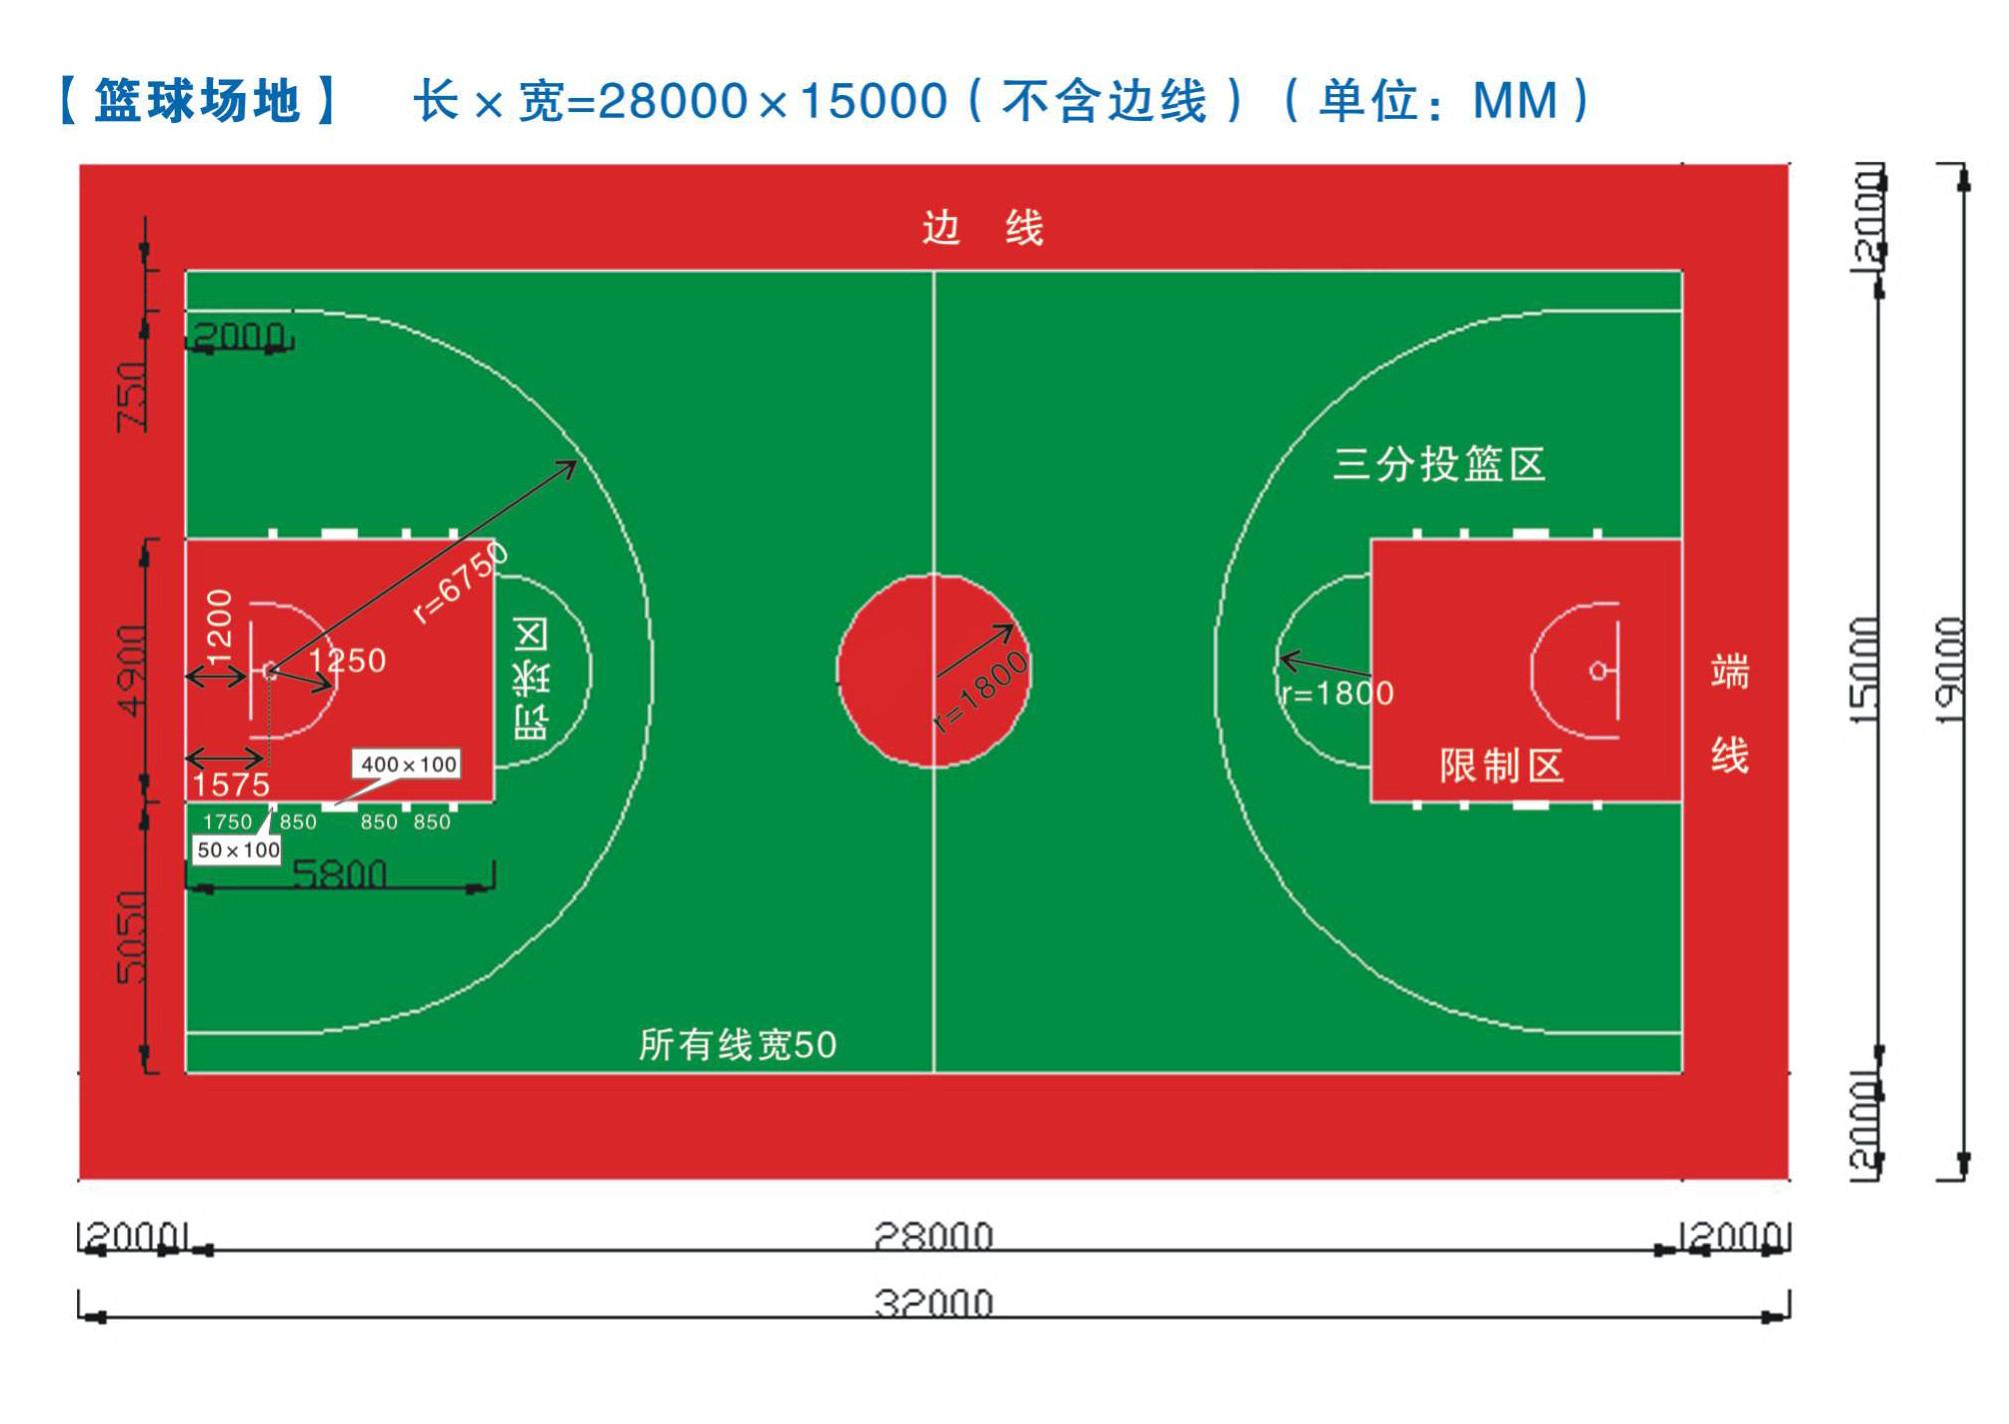 篮球场建造价格